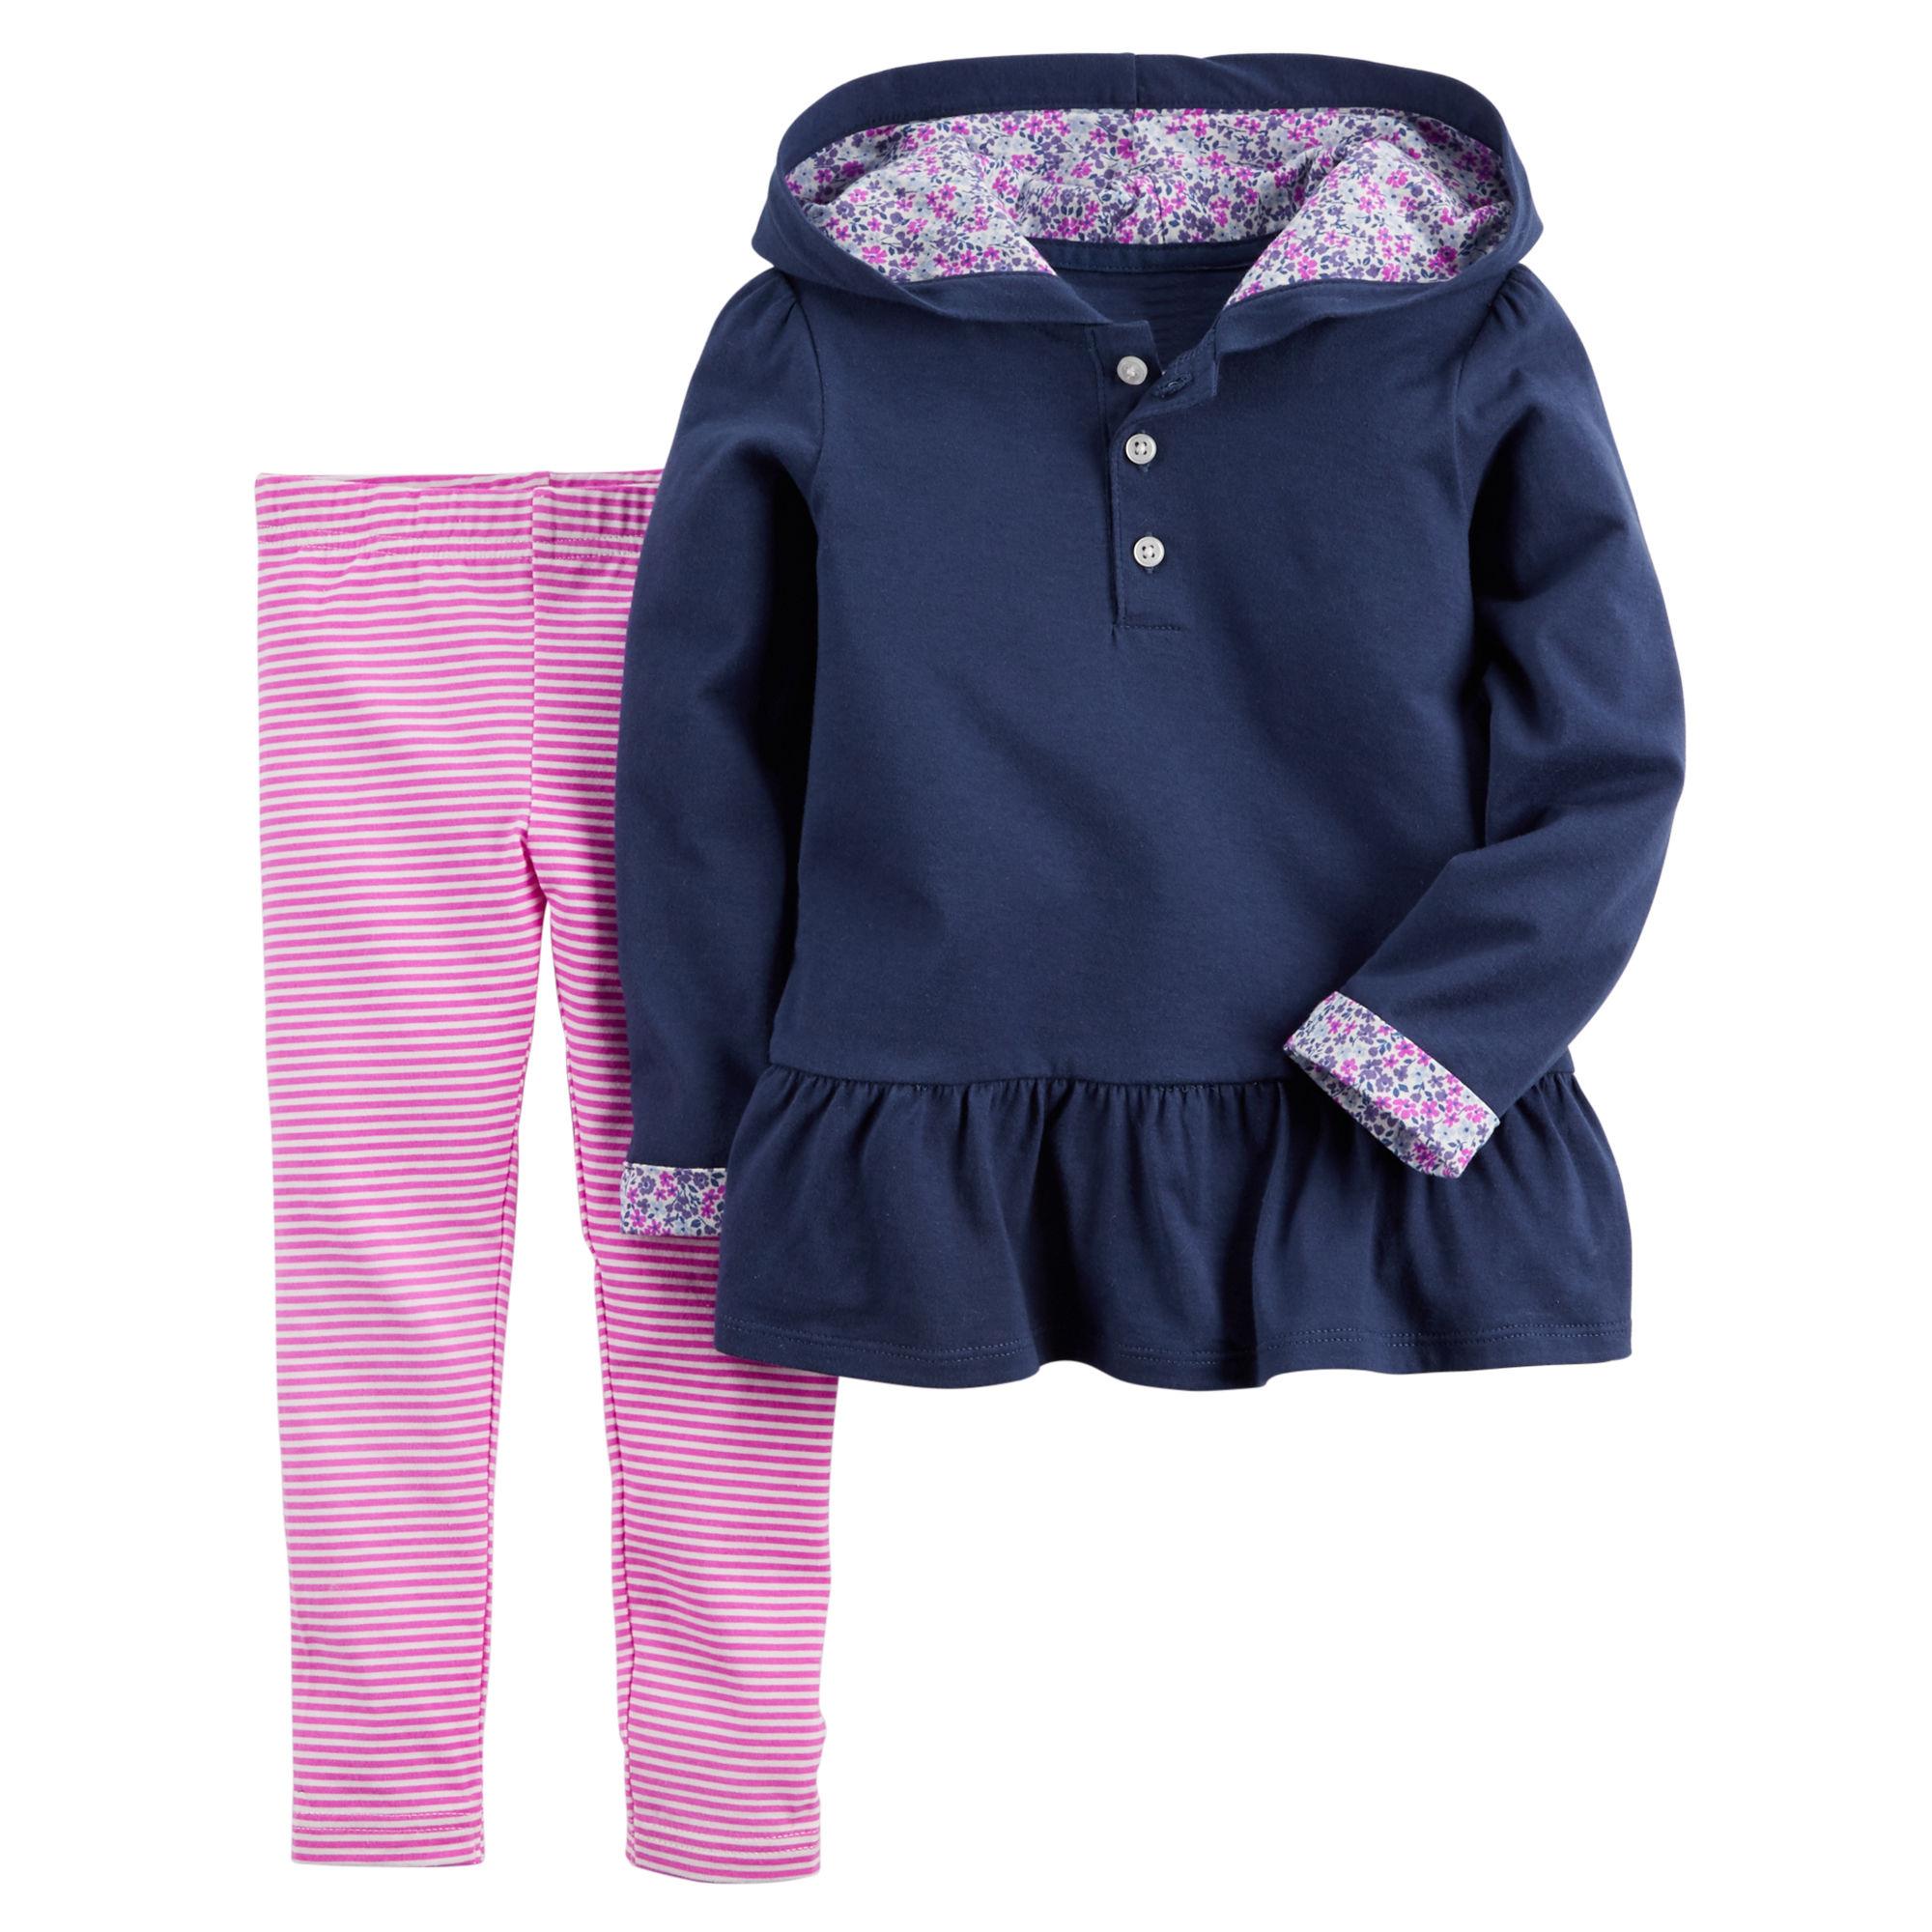 Известный американский бренд.Лучшая одежда для малышей!Стоп 5 сентября в 9.00.Быстрые раздачи!